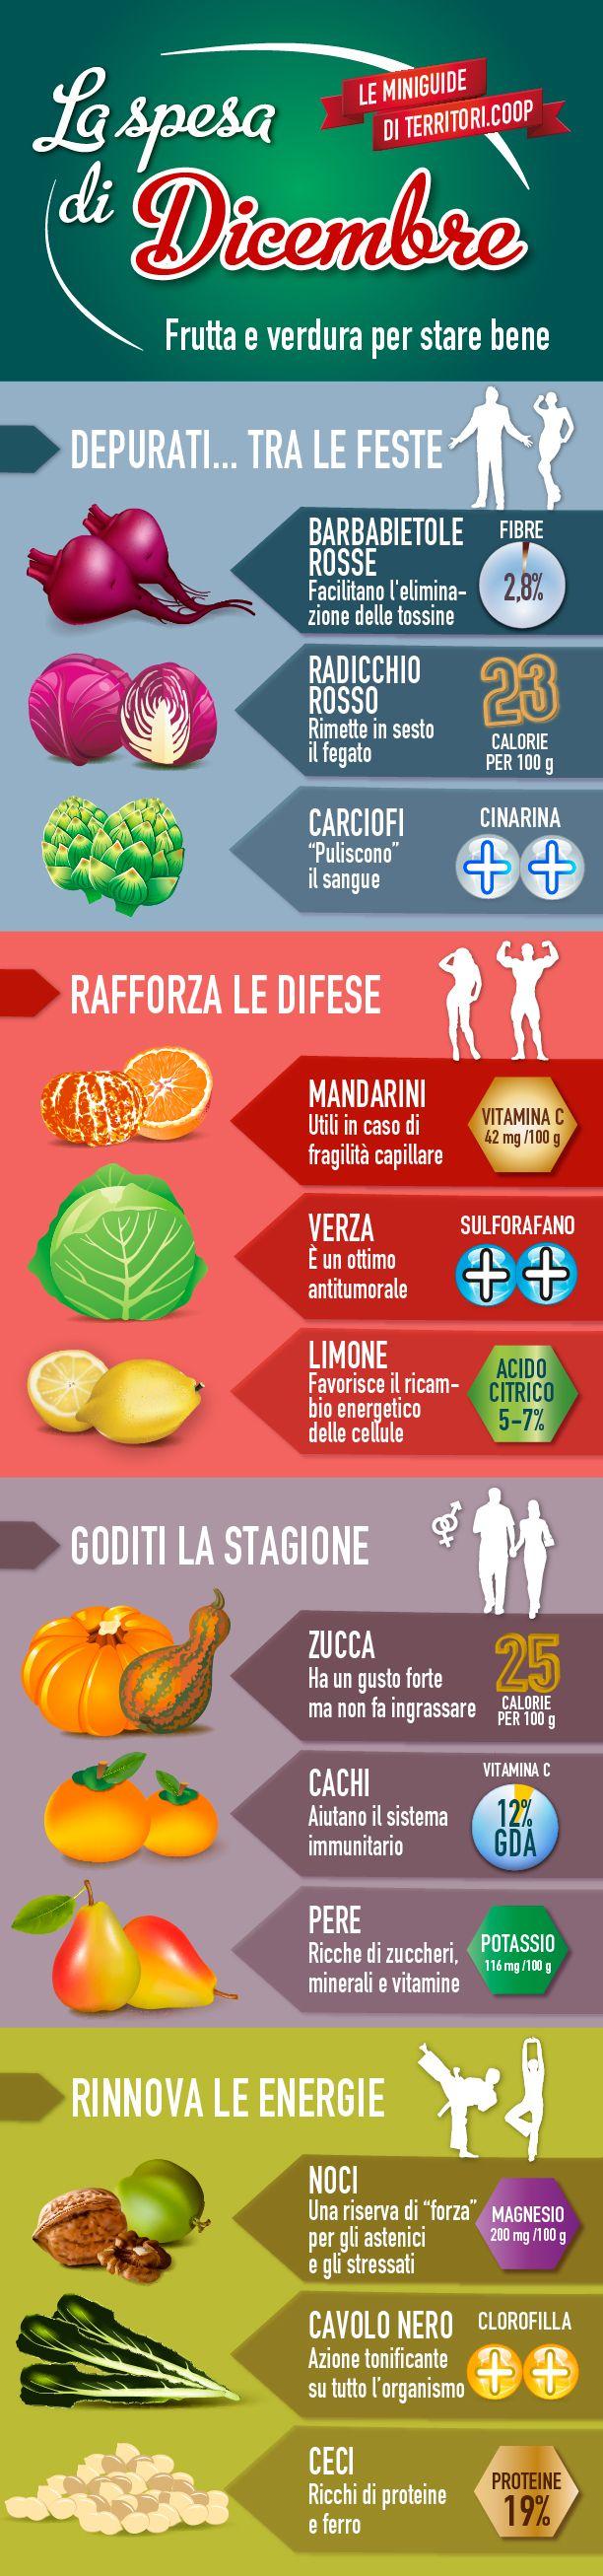 La spesa di dicembre #territoriCoop #frutta #verdura #stagione